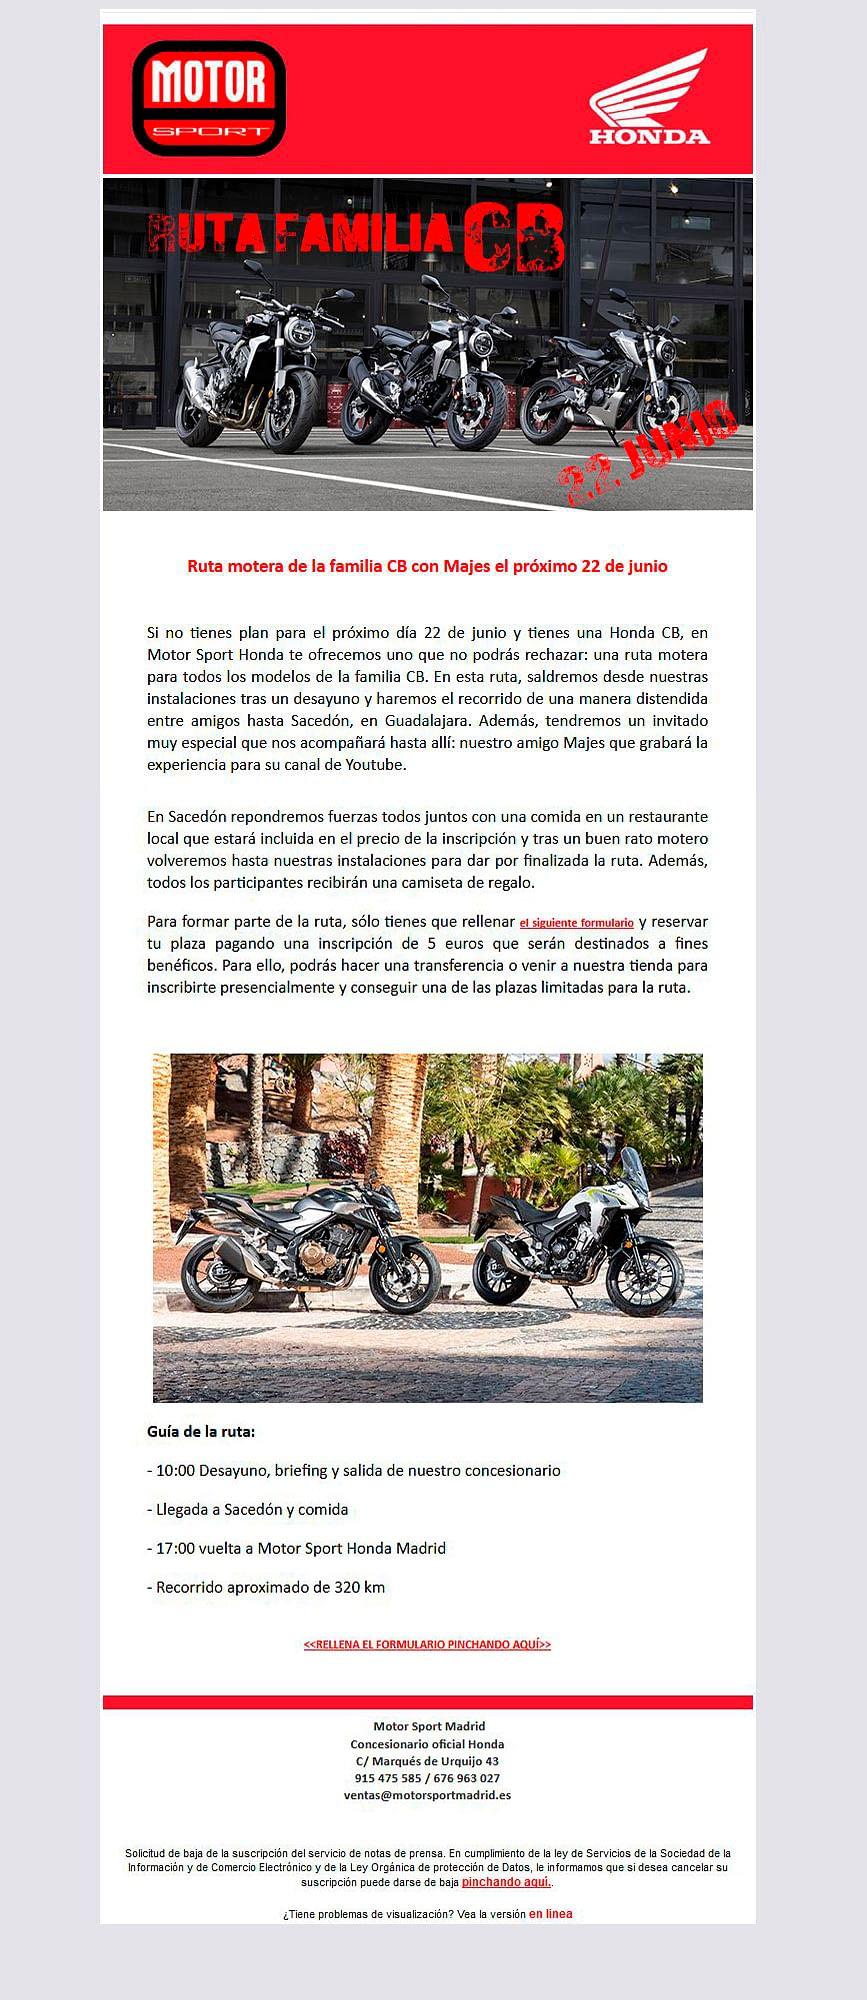 E-mail marketing para captación de participantes